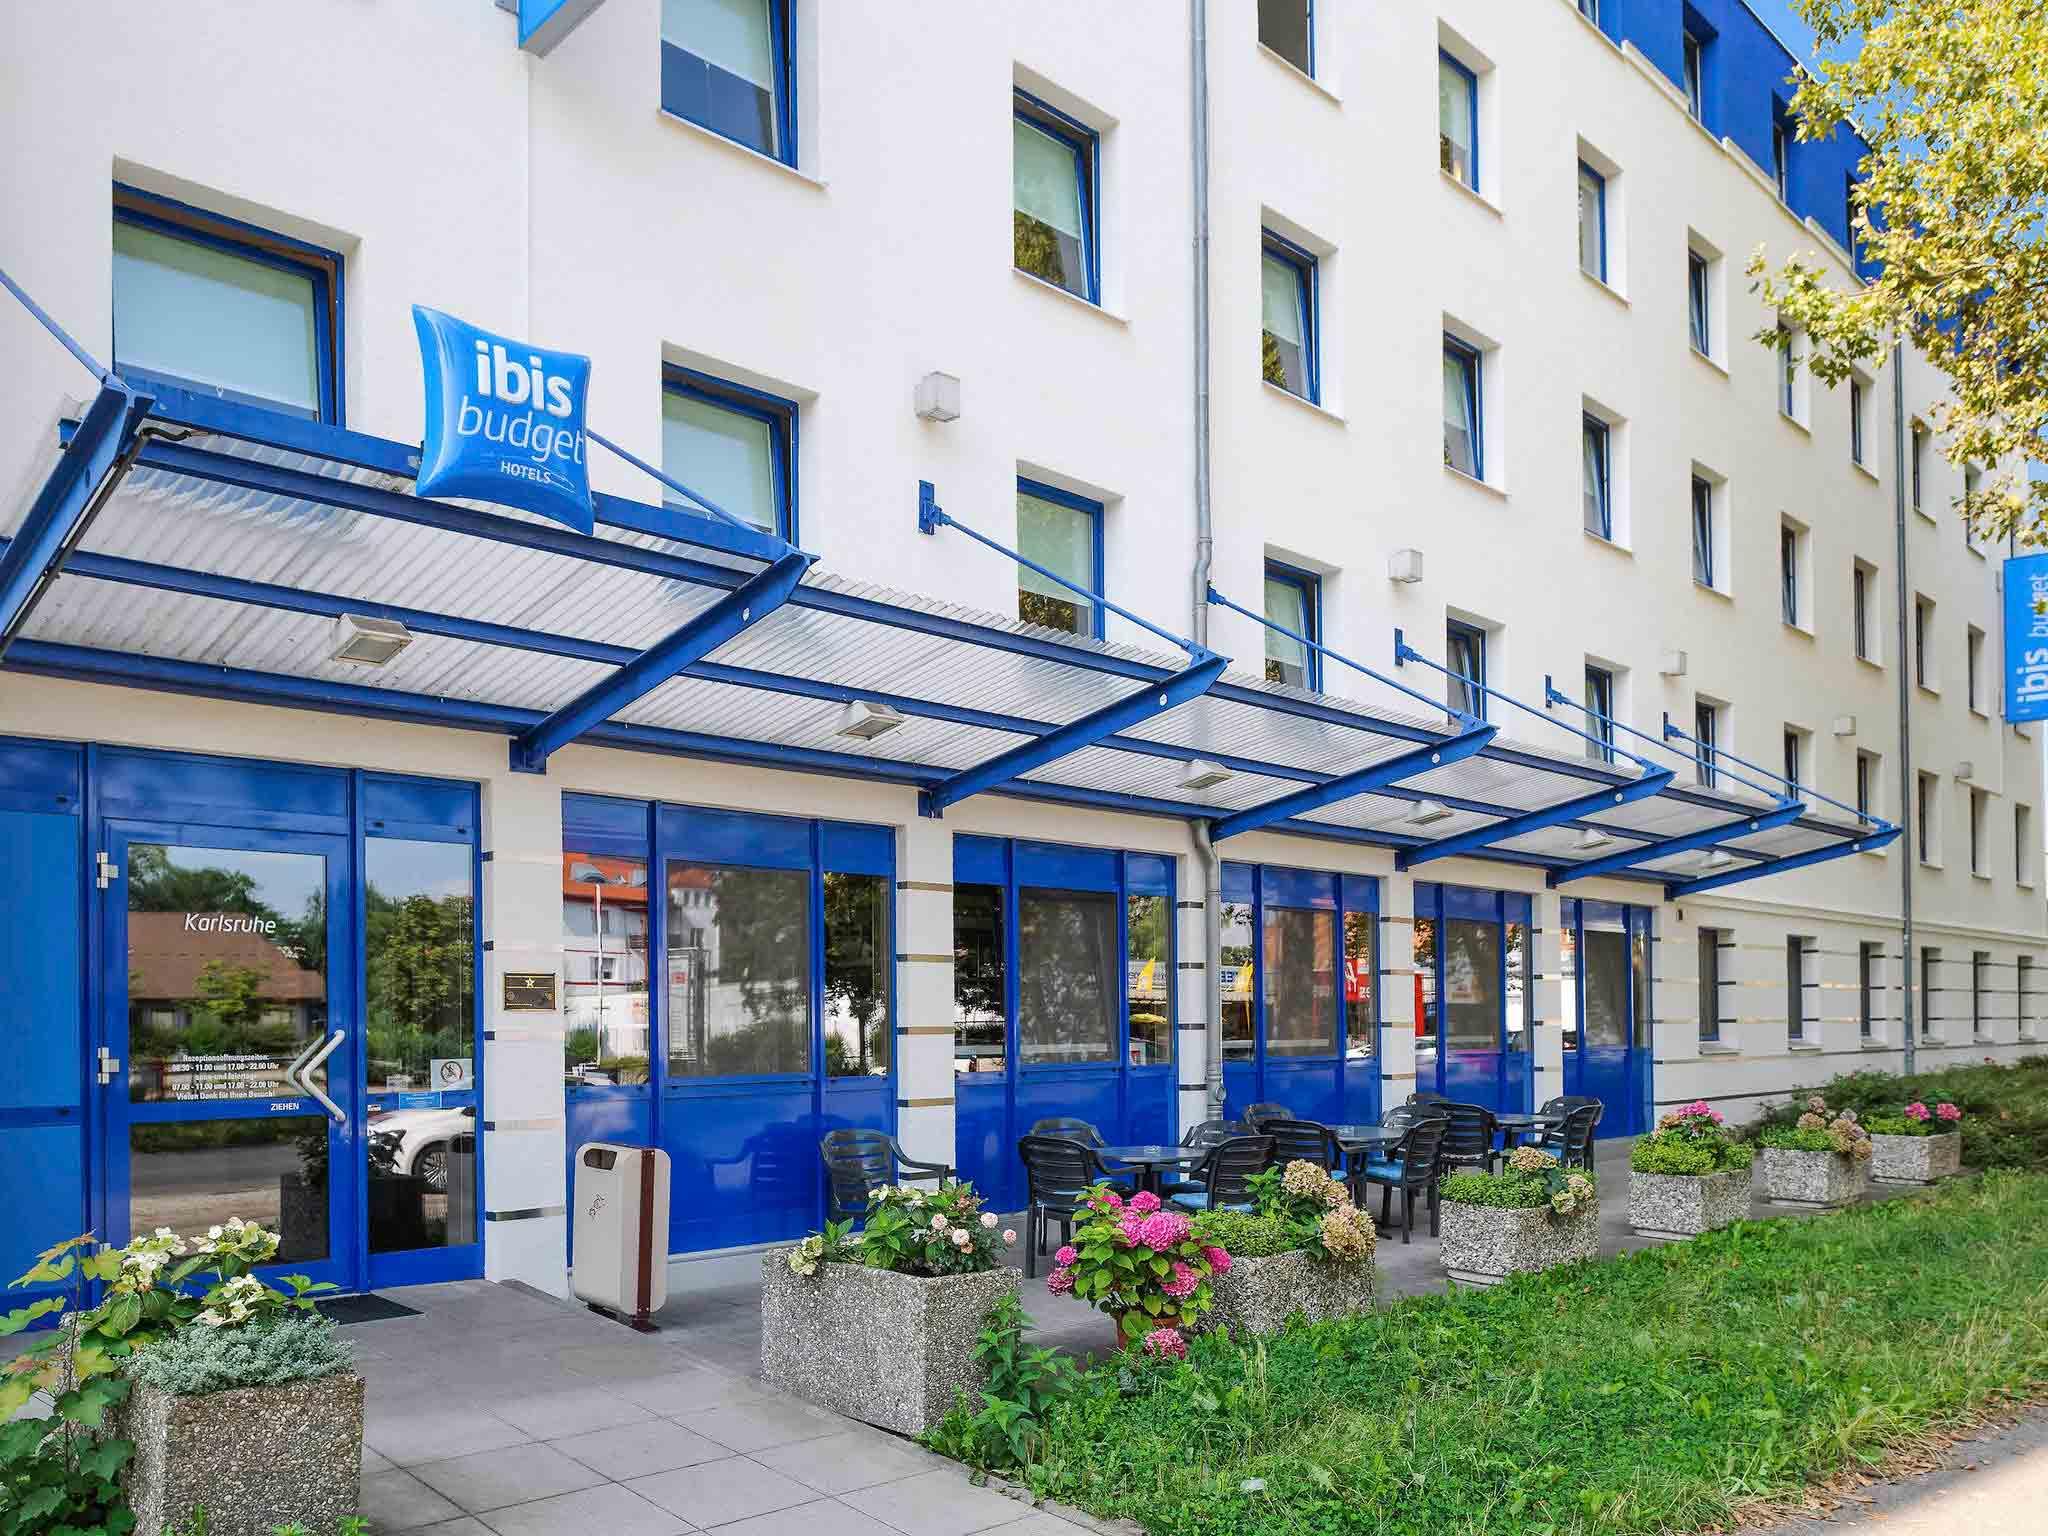 Hotel – ibis budget Karlsruhe